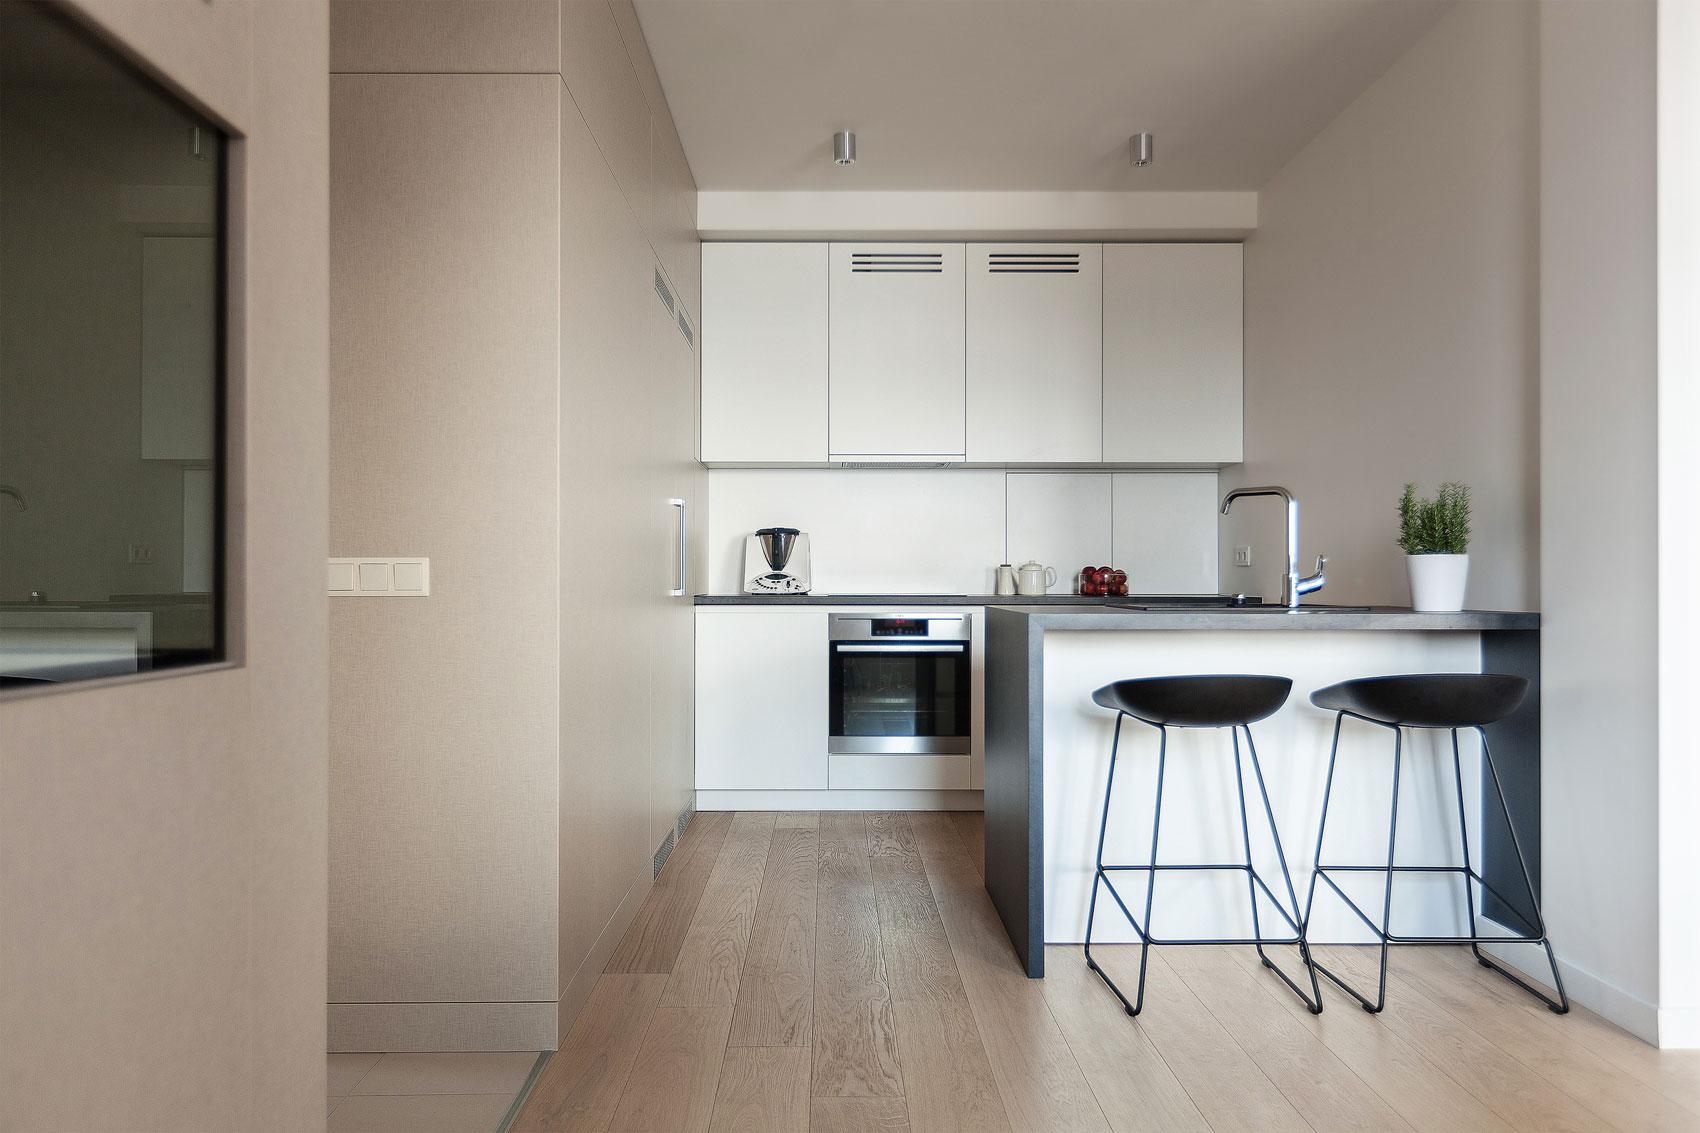 Apartment-in-Vilnius-2-05